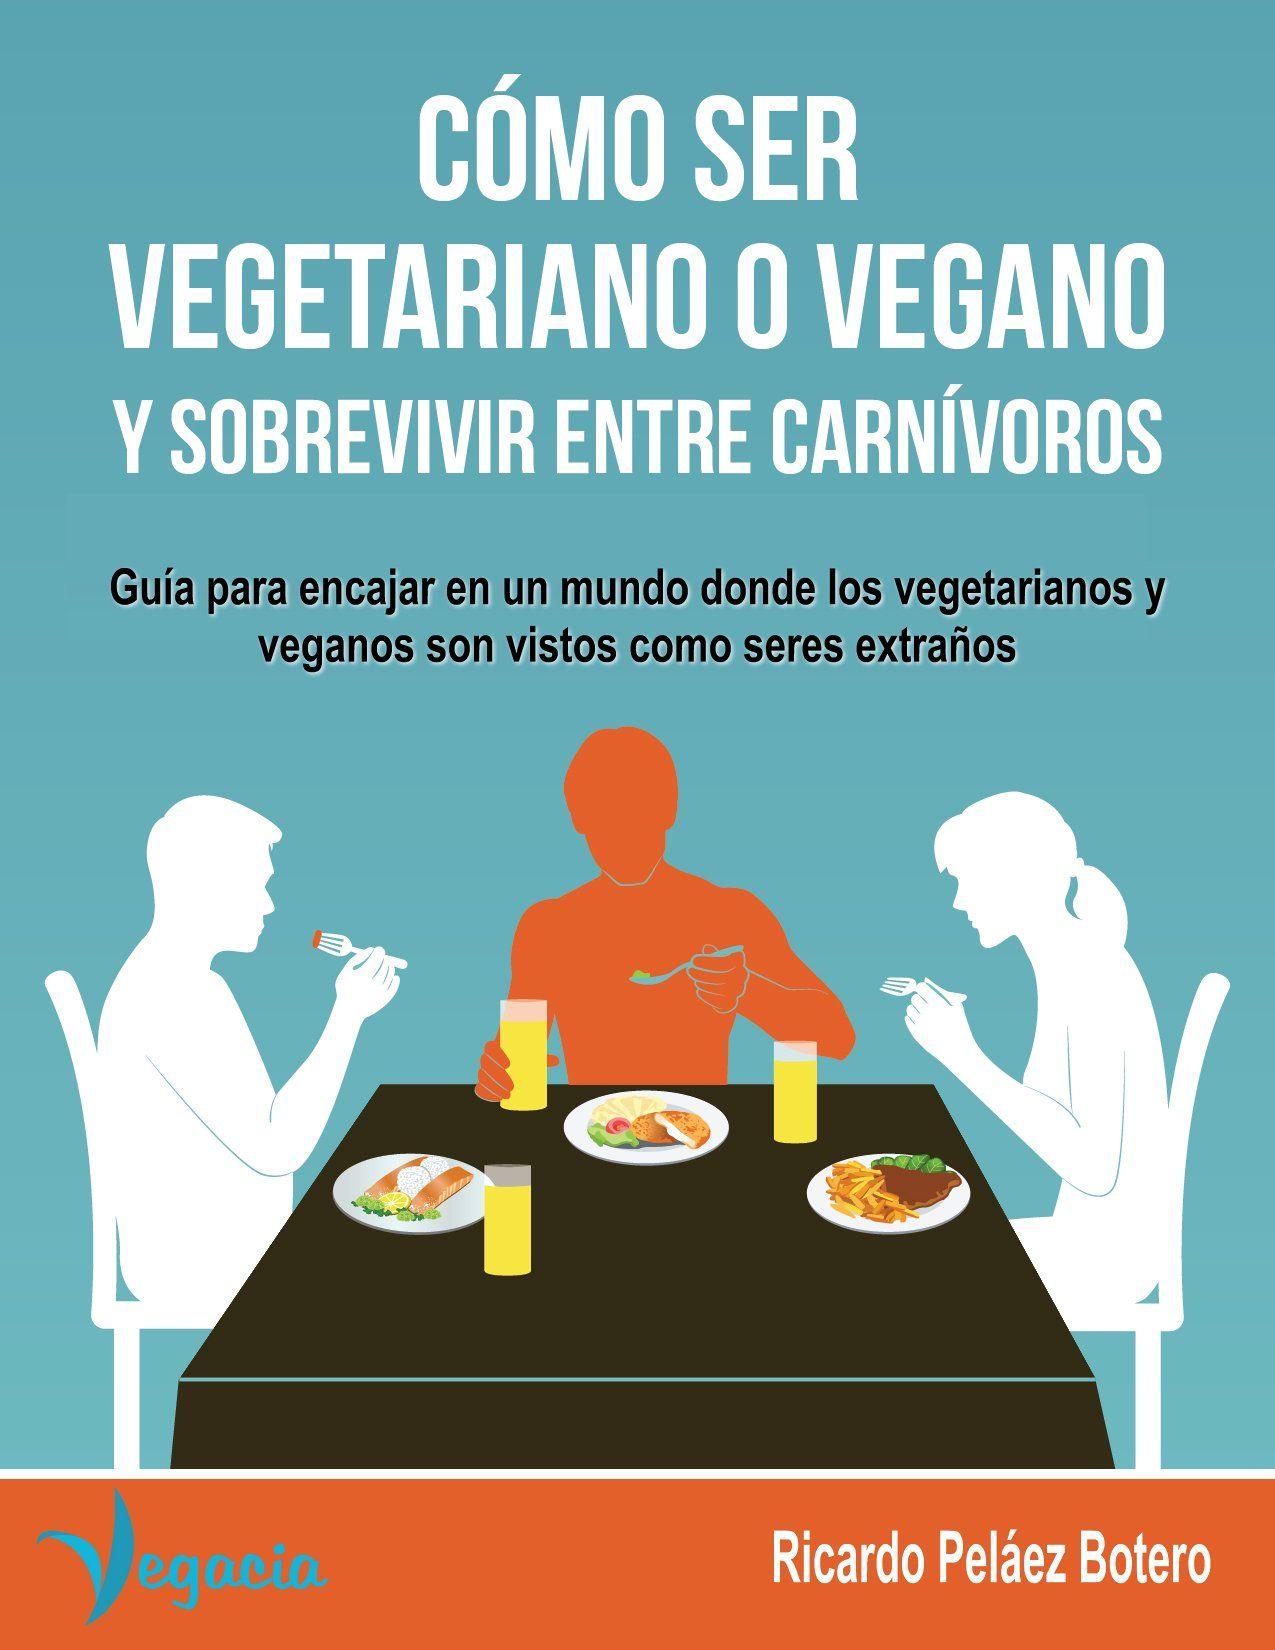 CÓMO SER VEGETARIANO O VEGANO Y SOBREVIVIR ENTRE CARNÍVOROS: Guía para encajar en un mundo donde los vegetarianos y veganos son vistos como seres extraños